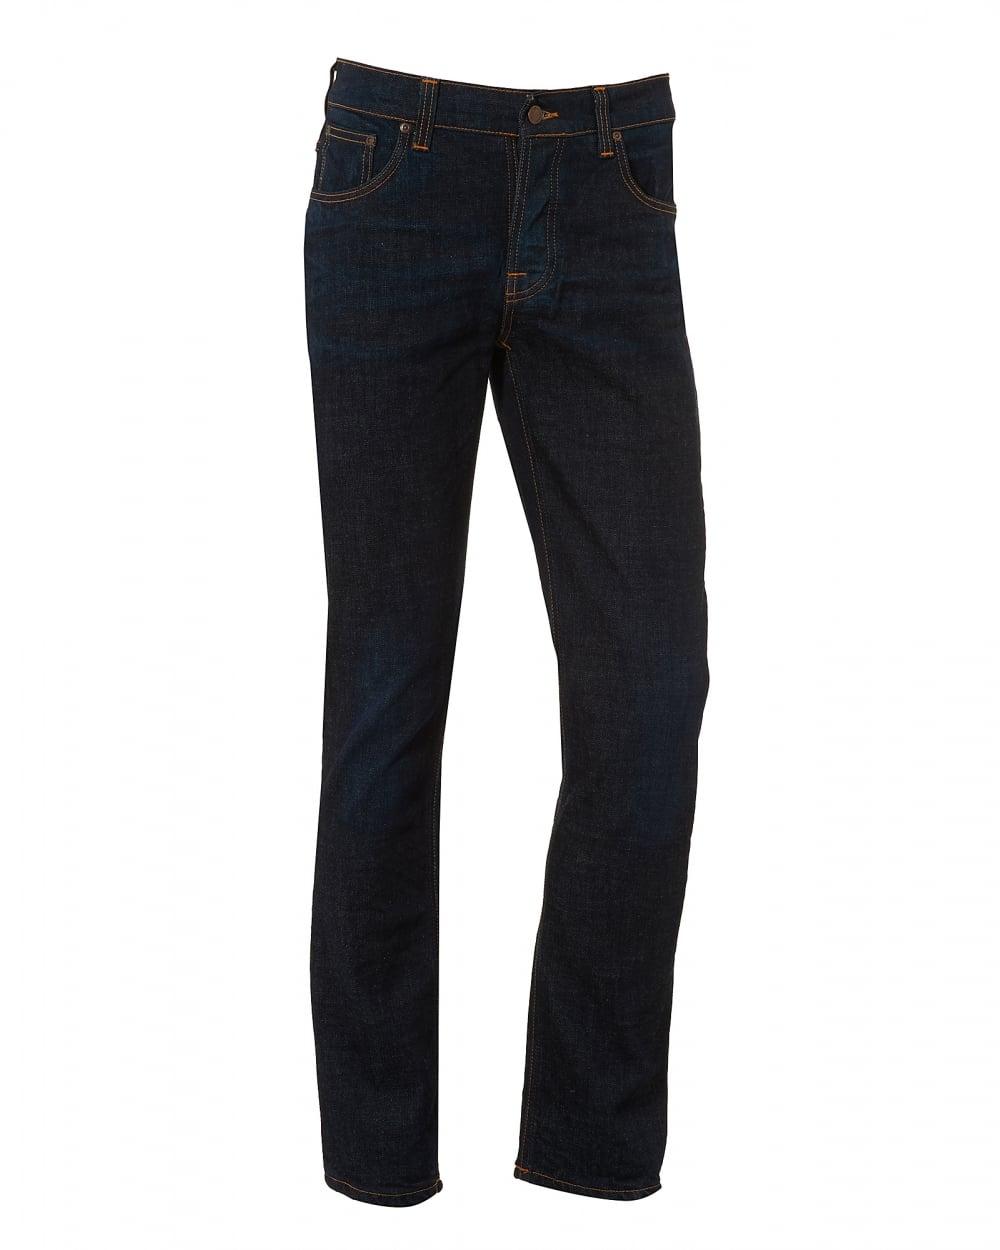 Jeans Mens Grim Tim Slim Jeans Nudie Jeans 3p6MKbSW2